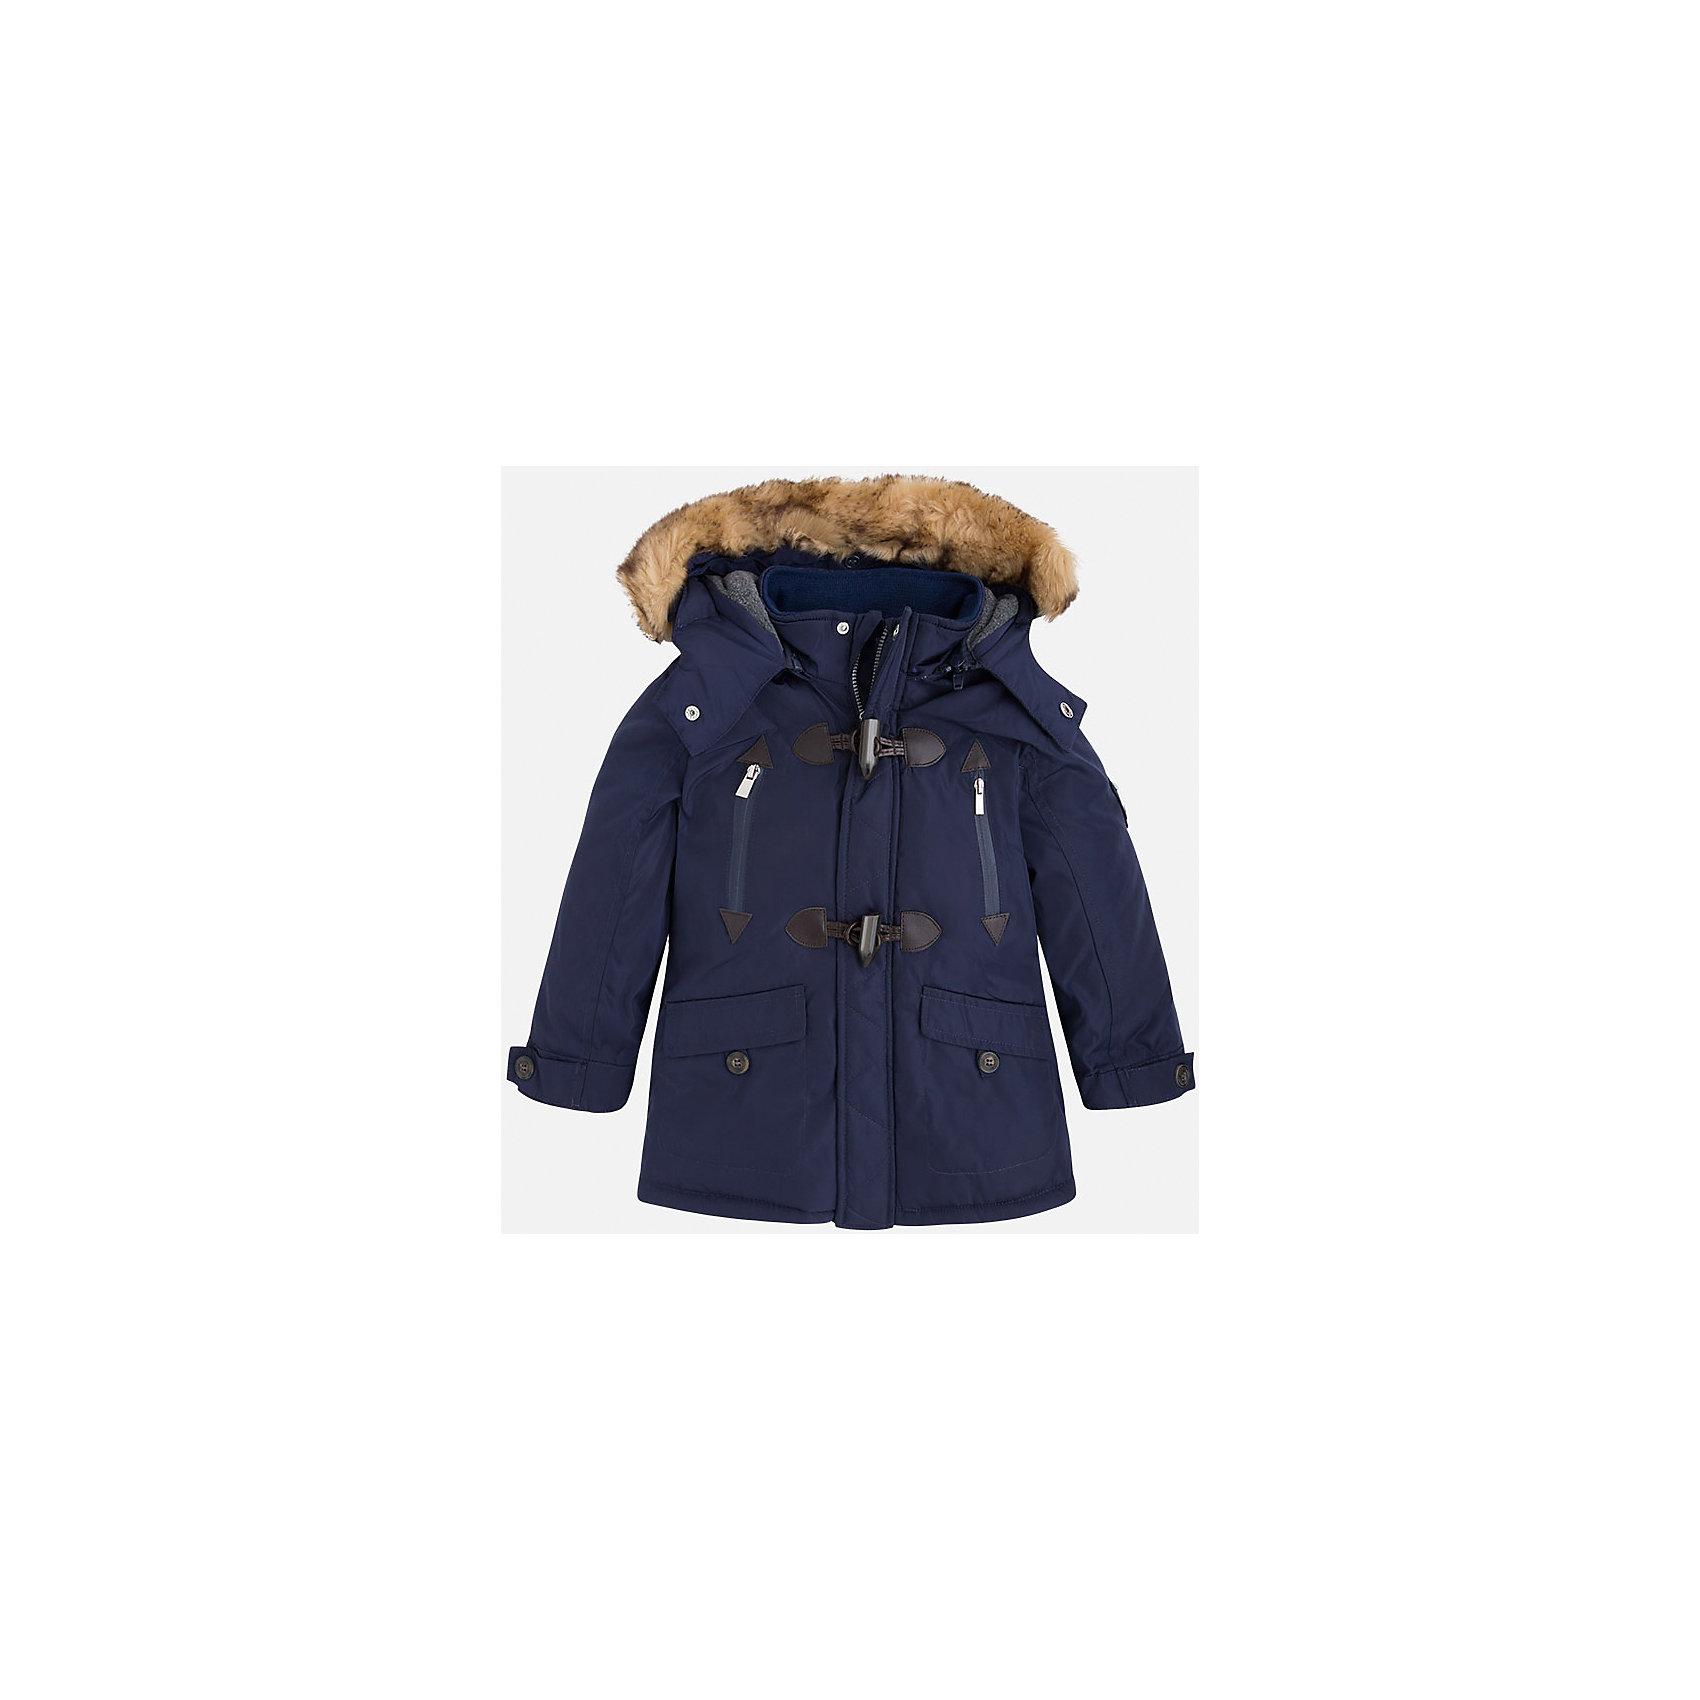 Жакет для мальчика MayoralВерхняя одежда<br>Скоро осень, а значит Вашему малышу  понадобиться что-нибудь теплое. Значит, Вам прекрасно подойдет яркая, а главное, теплая куртка Mayoral!<br>Порадуйте своего модника хорошим подарком!<br><br>Дополнительная информация:<br><br>- Крой: прямой крой, расклешенный к низу.<br>- Страна бренда: Испания.<br>- Состав: <br>Верхняя ткань: полиэстер 100%.<br>Подкладка: полиэстер 100%.<br>Наполнитель: полиэстер 100%.<br>- Цвет: темно-синий.<br>- Уход: бережная стирка при 30 градусах.<br><br>Купить куртку для мальчика Mayoral можно в нашем магазине.<br><br>Ширина мм: 190<br>Глубина мм: 74<br>Высота мм: 229<br>Вес г: 236<br>Цвет: синий<br>Возраст от месяцев: 24<br>Возраст до месяцев: 36<br>Пол: Мужской<br>Возраст: Детский<br>Размер: 110,122,128,134,116,104,98<br>SKU: 4821993